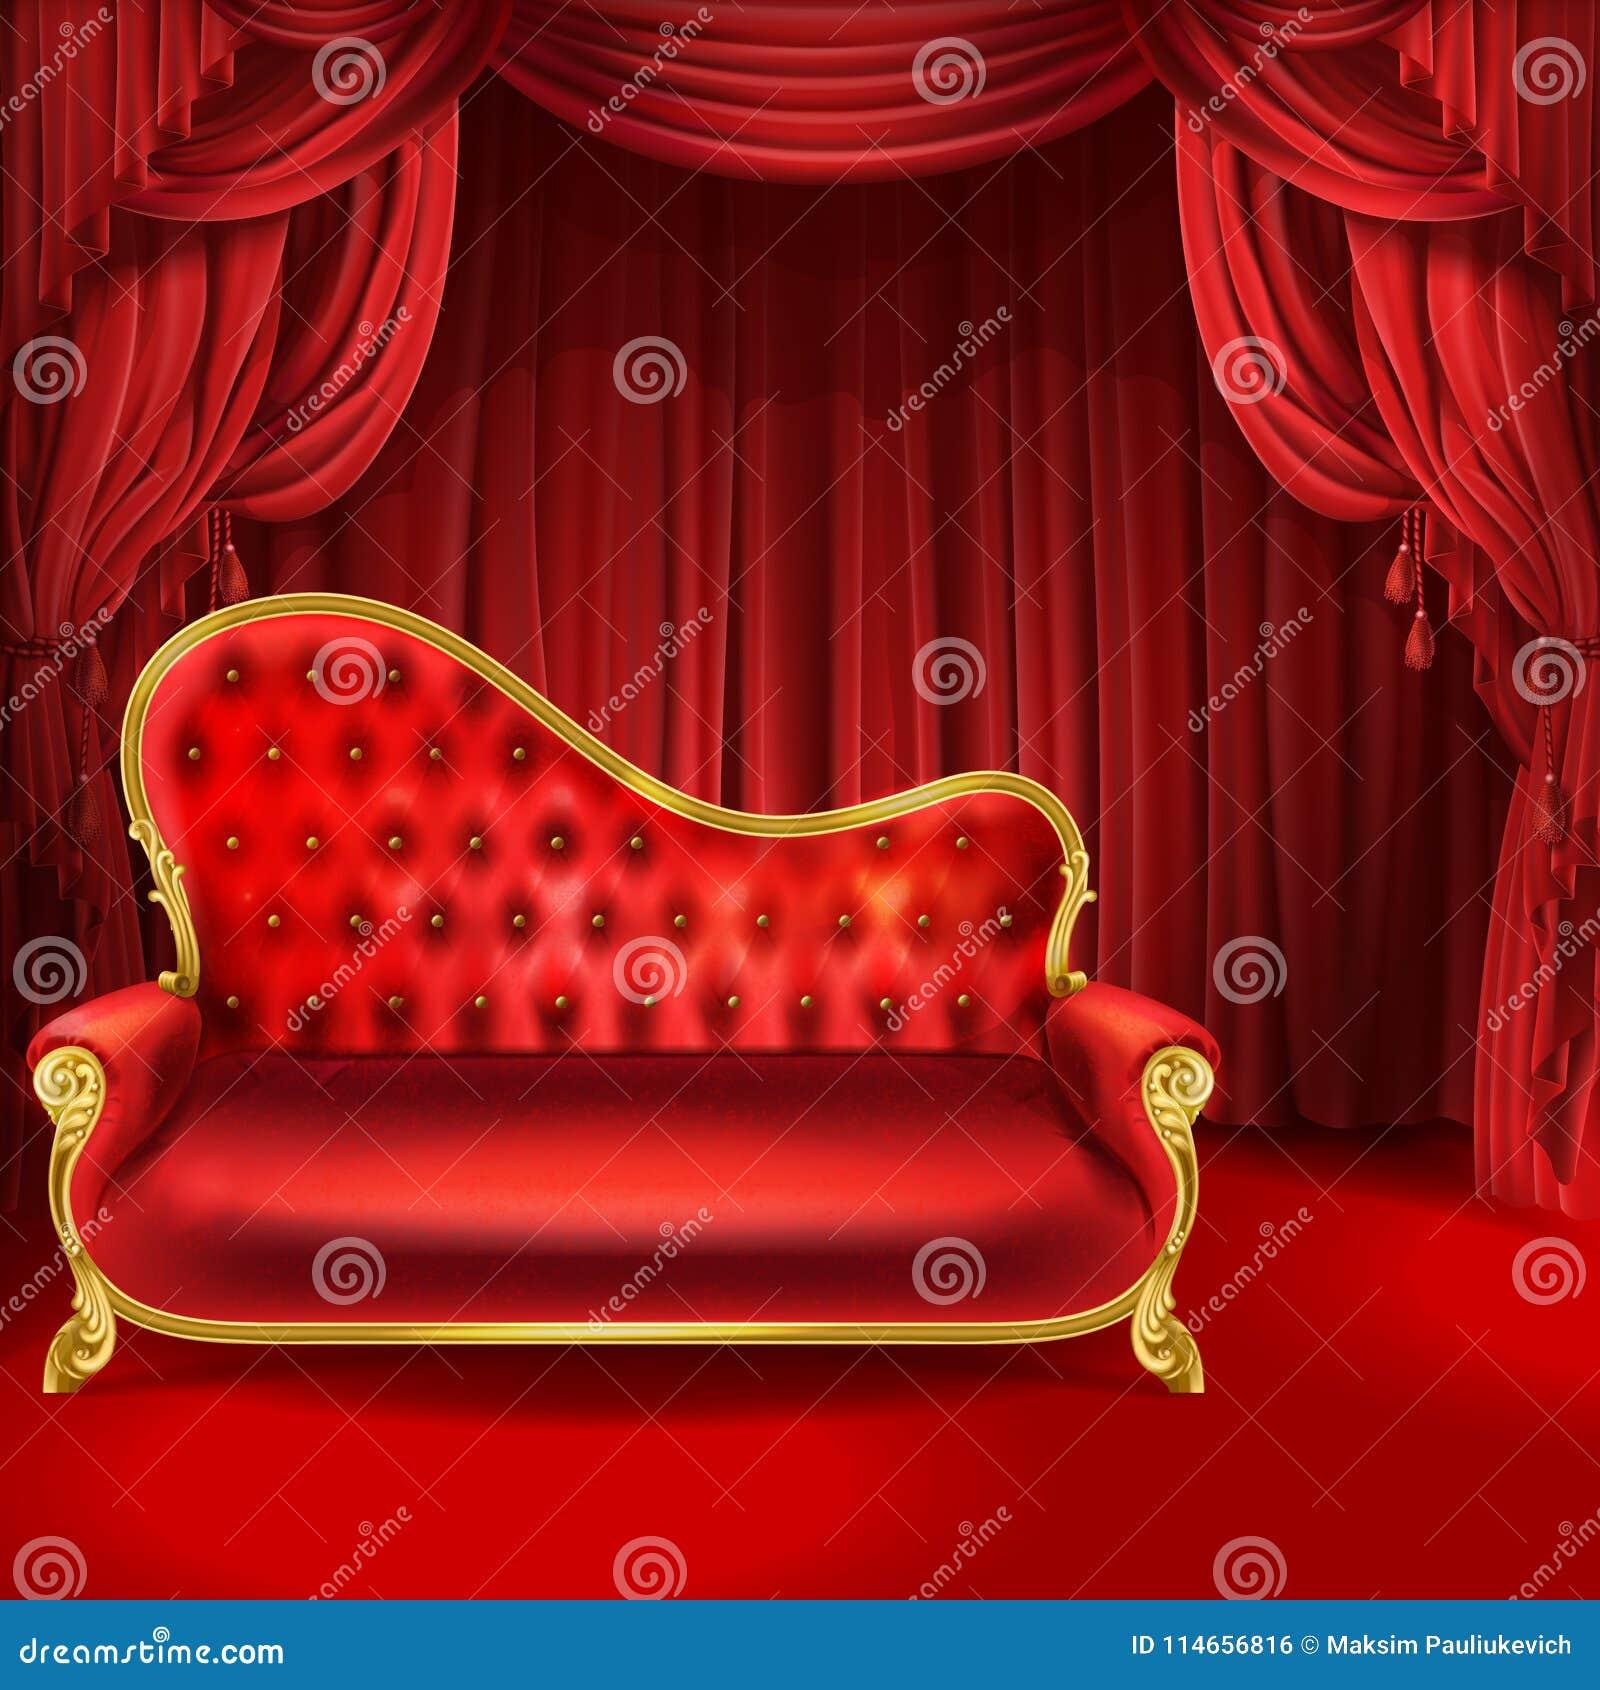 Teatervektorbegreppet, den röda soffan, plats hänger upp gardiner